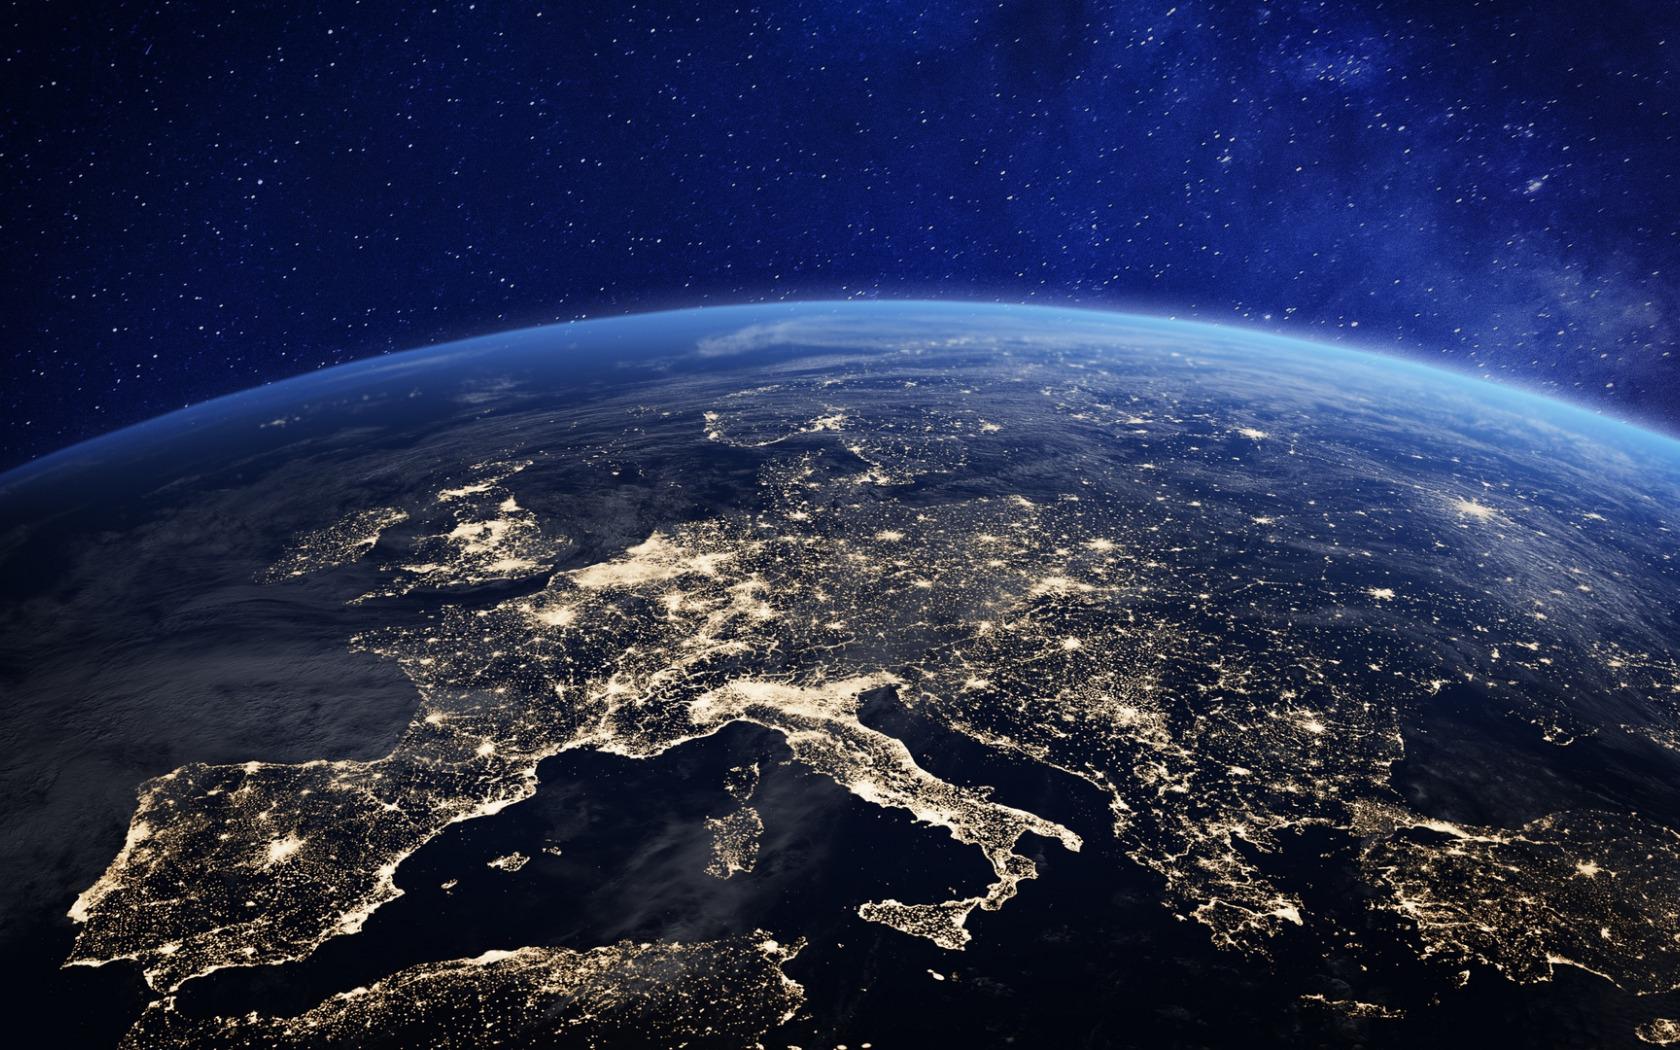 такой муфты фотографии земли из космоса в высоком качестве отворотами данном случае